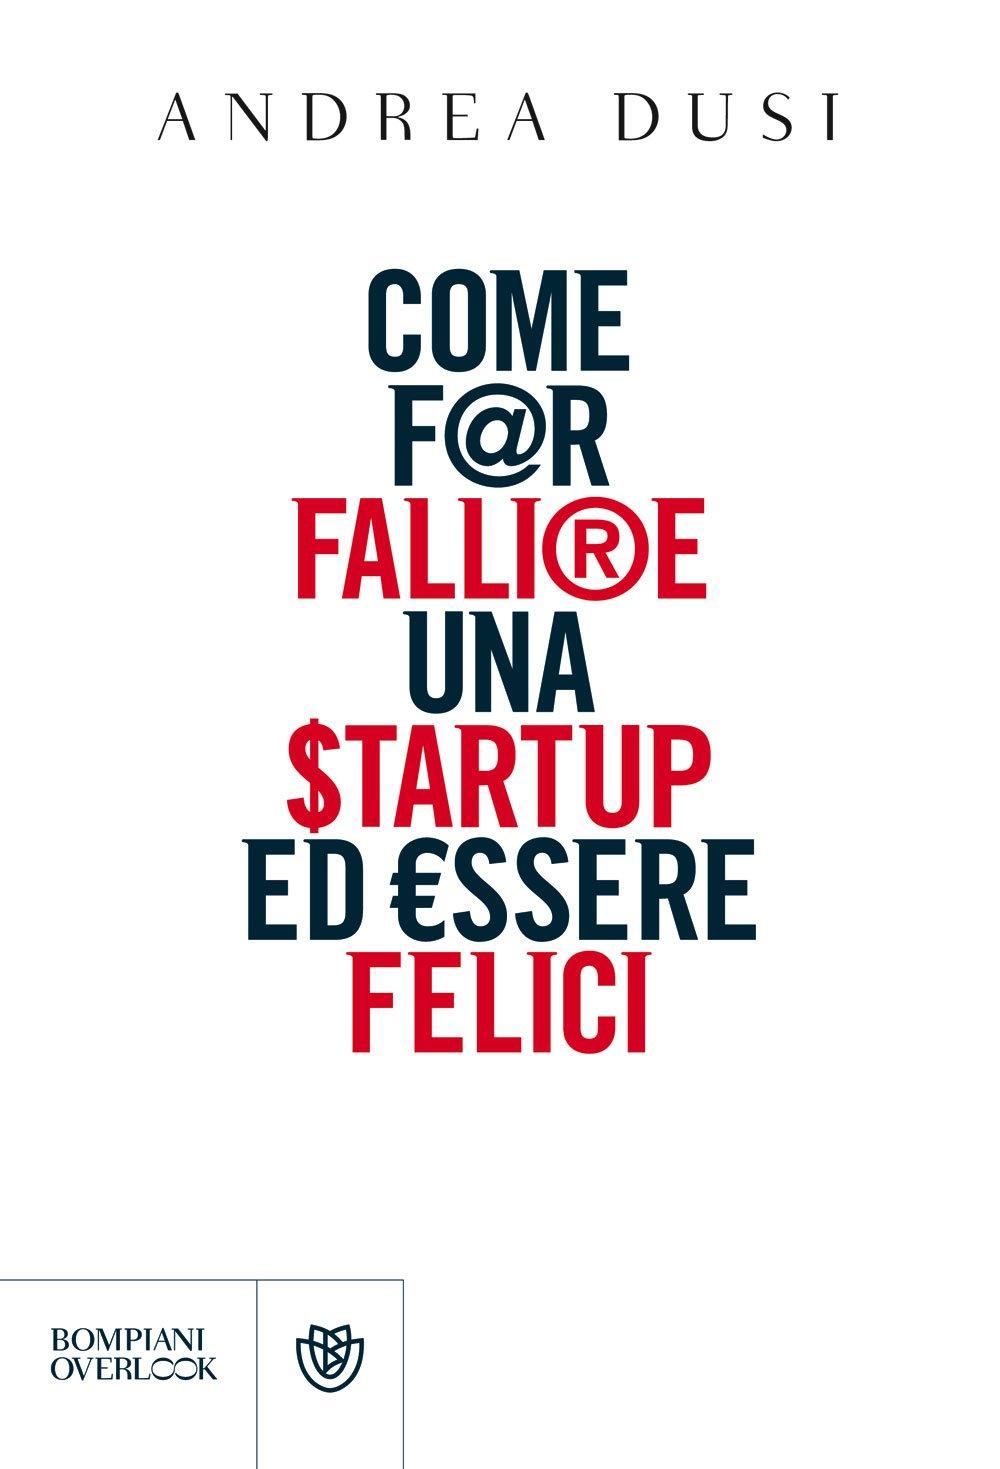 COME FAR FALLIRE UNA STARTUP ED ESSERE FELICIdi Andrea Dusi, Bompiani